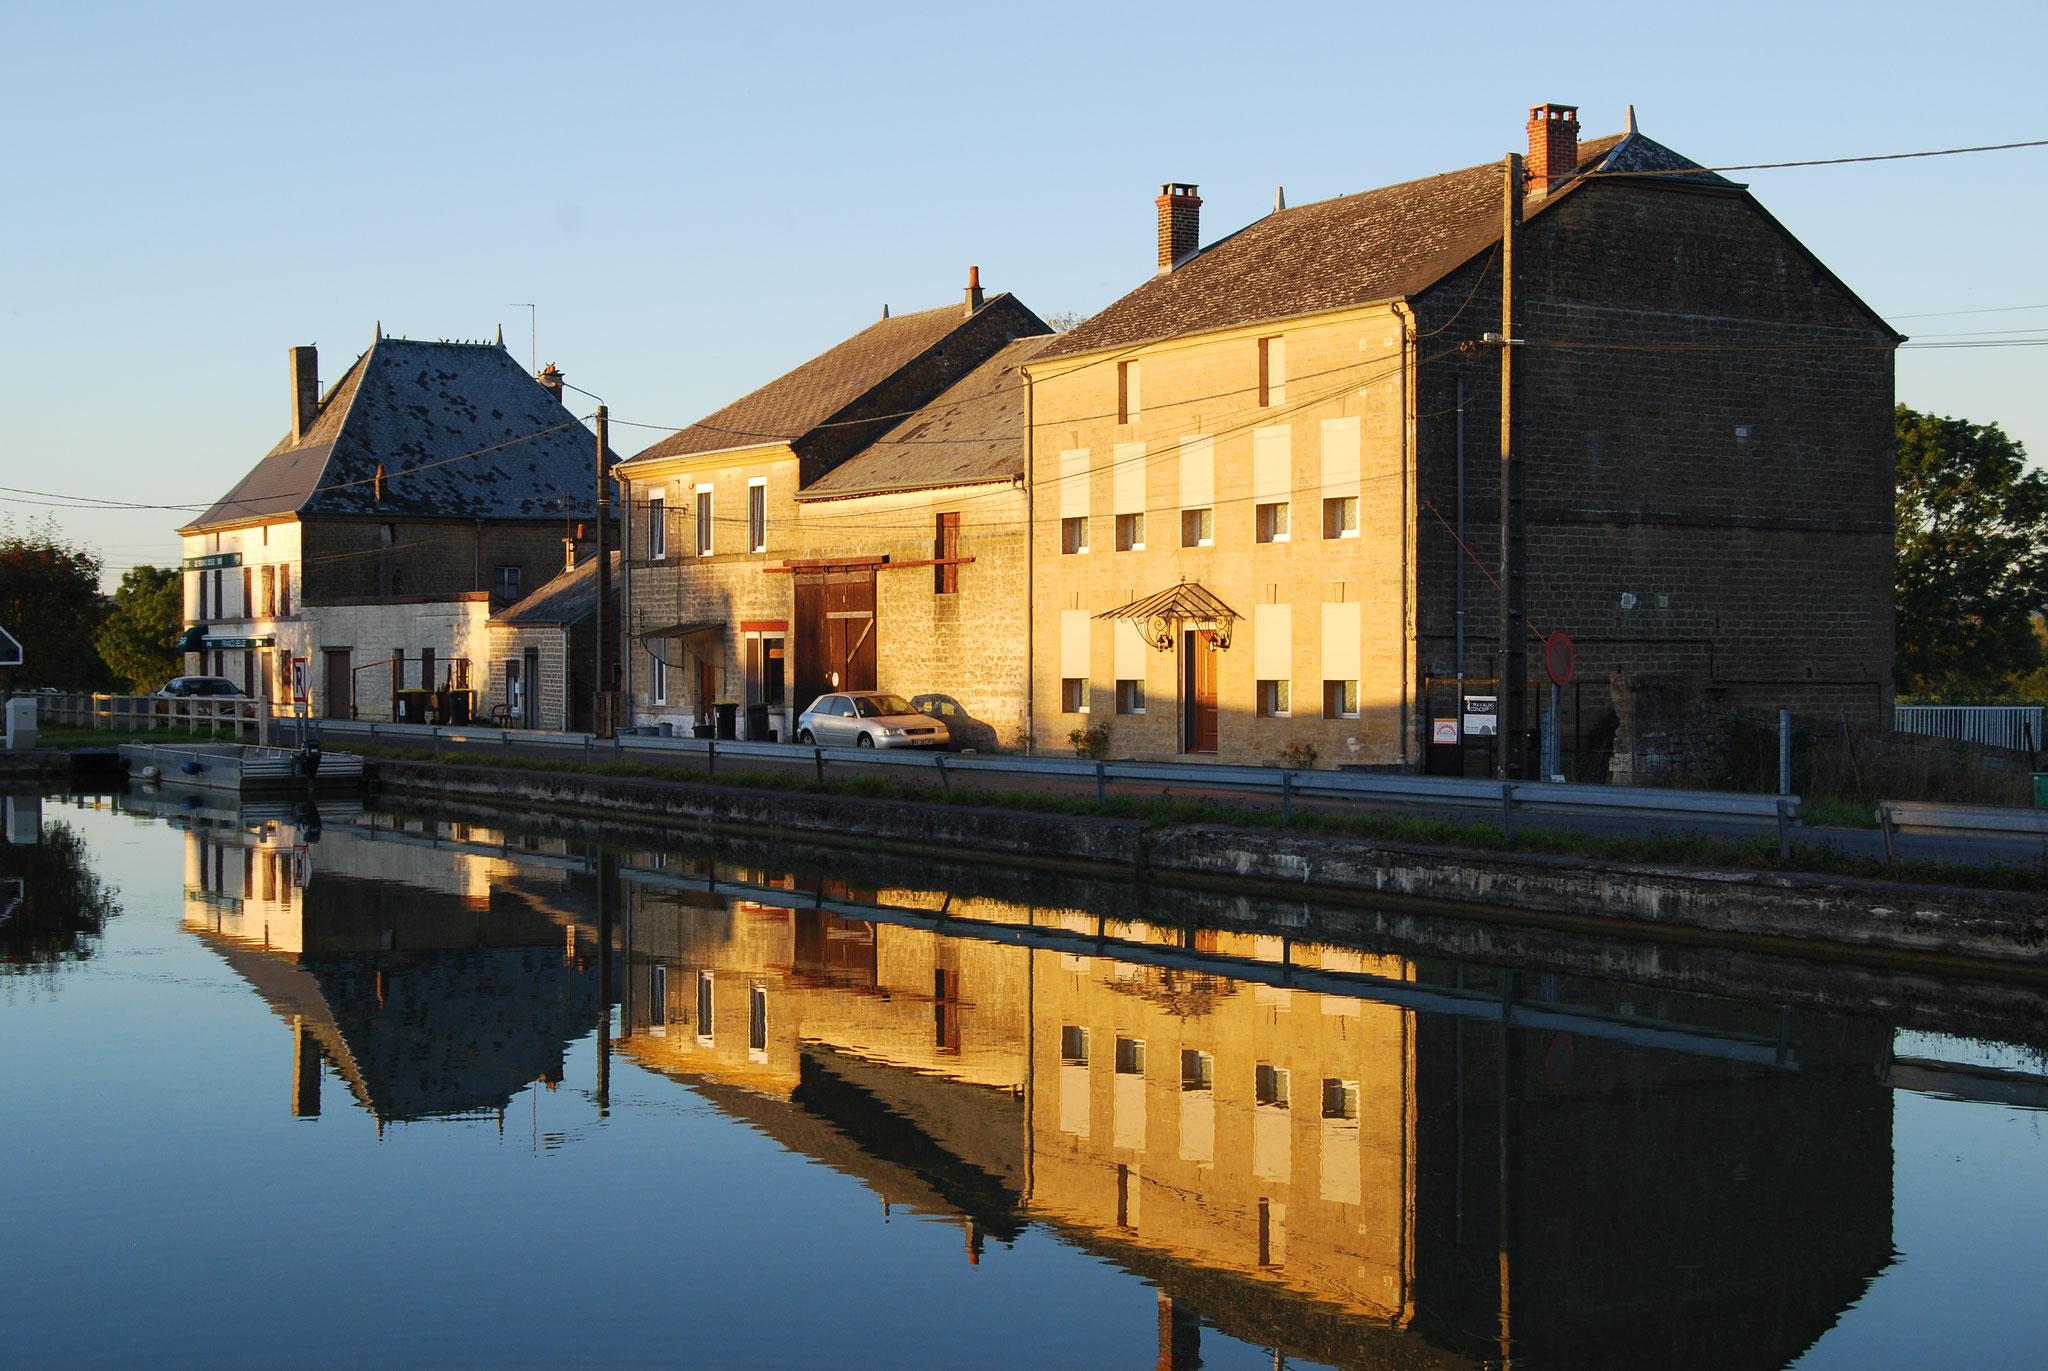 Pont-à-Bar